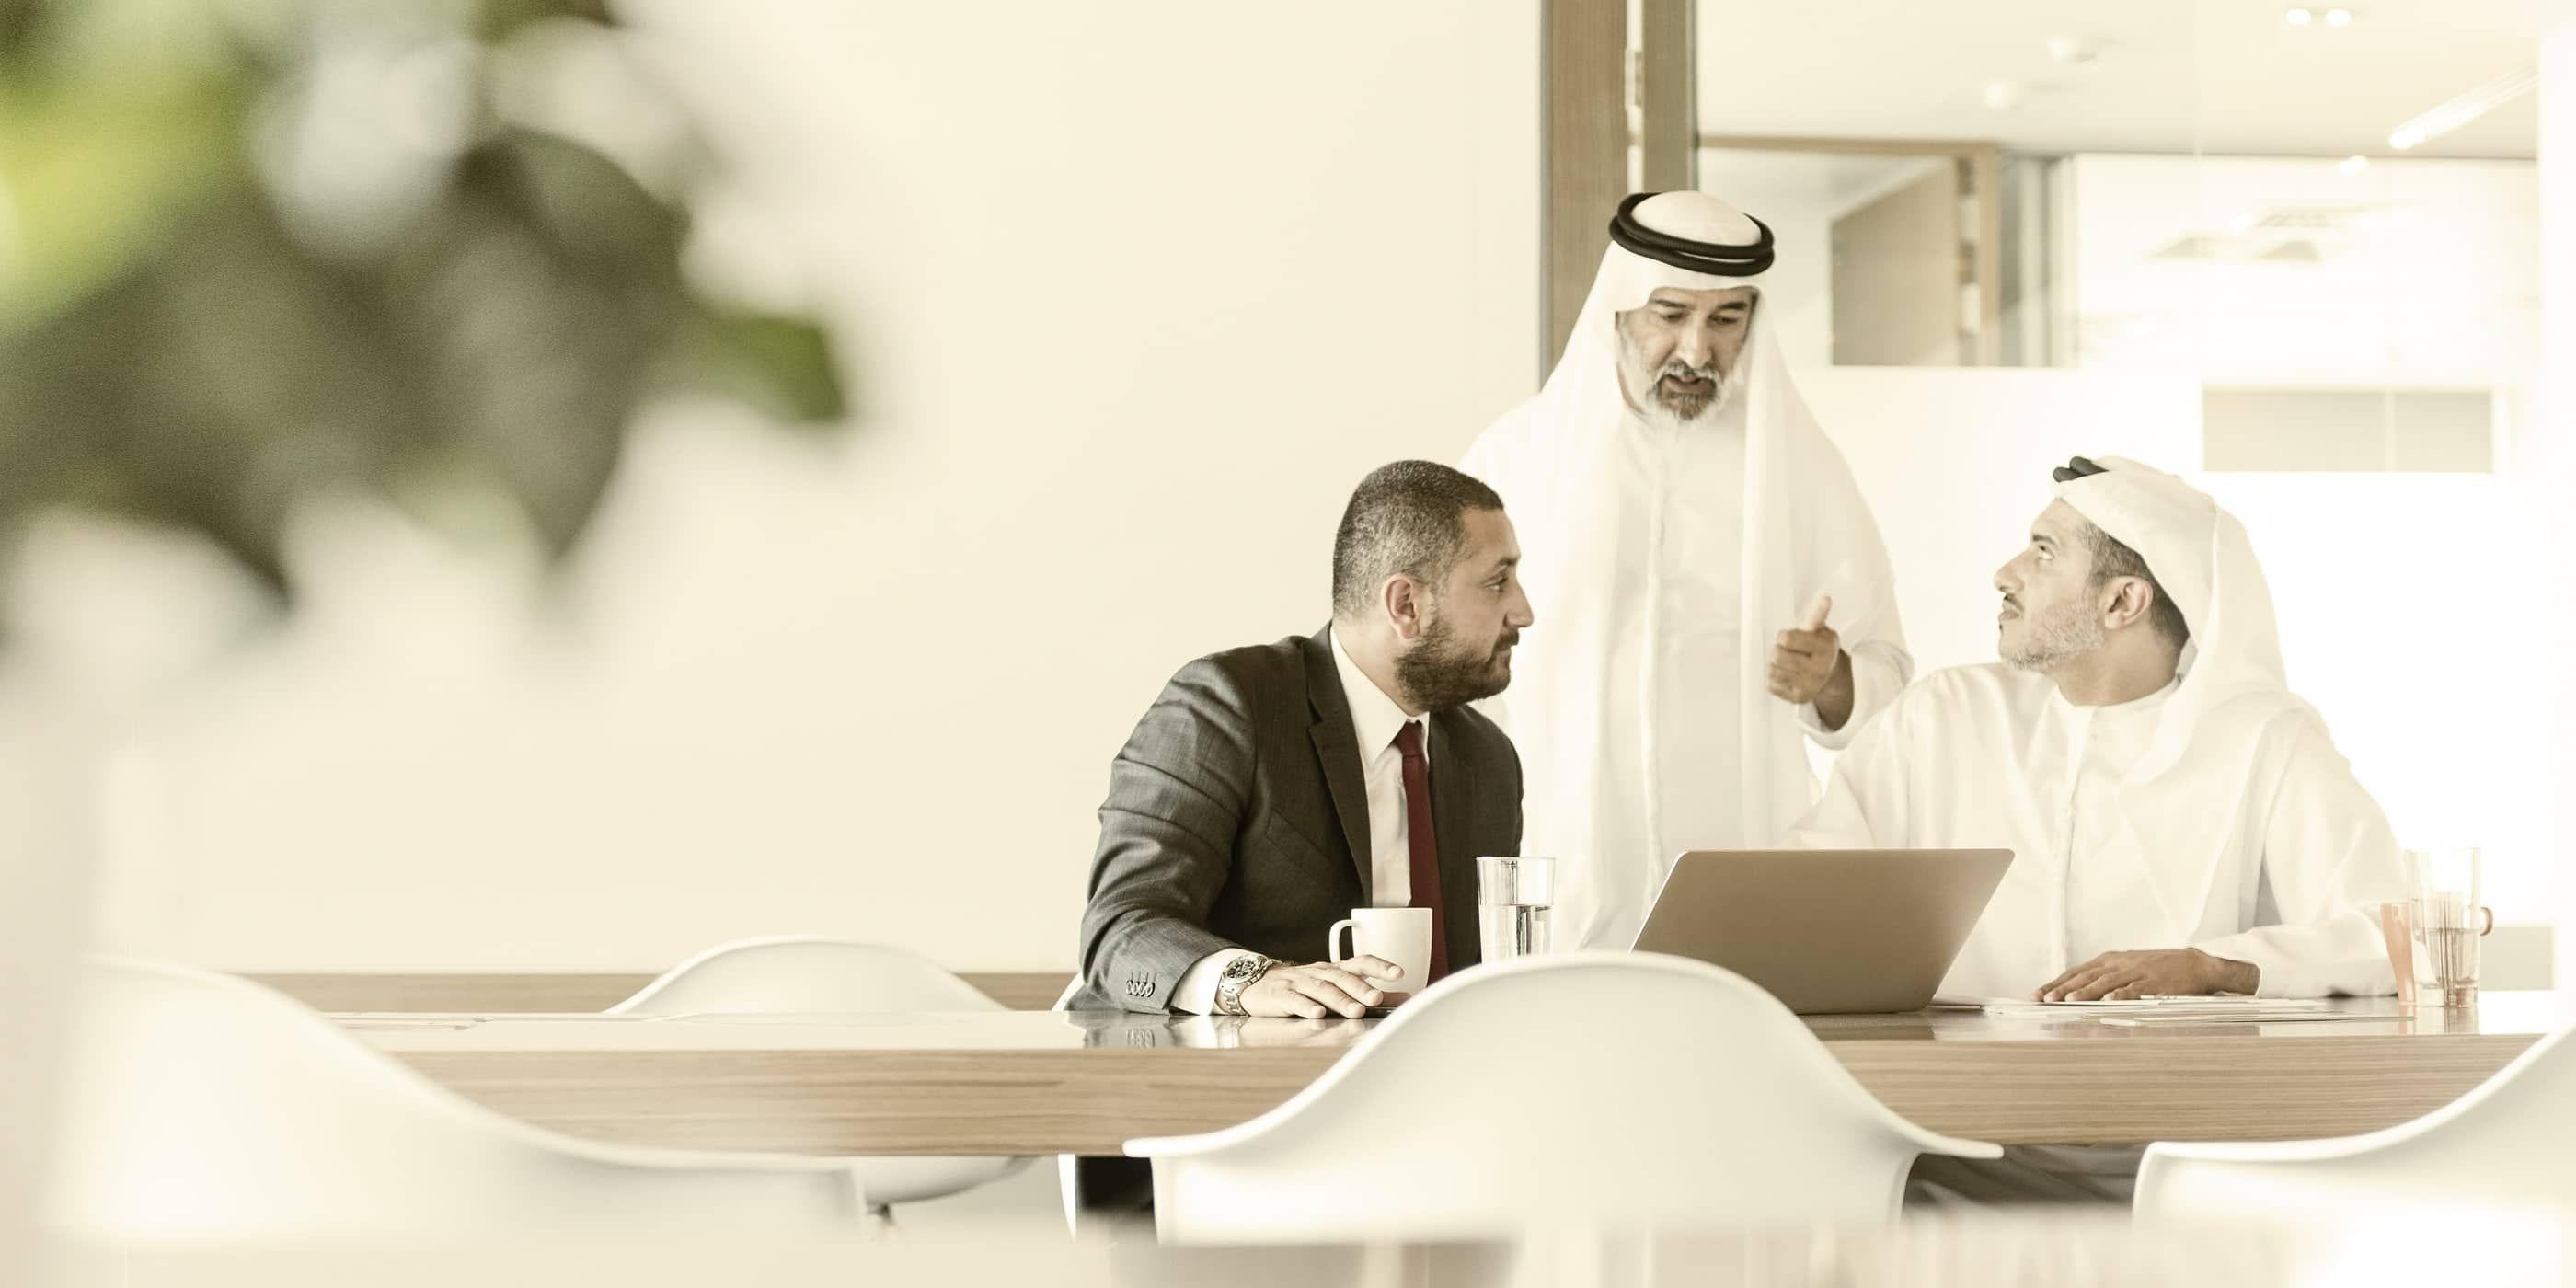 طريقة المضاربة في الأسهم السعودية المضاربة اليومية الناجحة Decor Home Decor